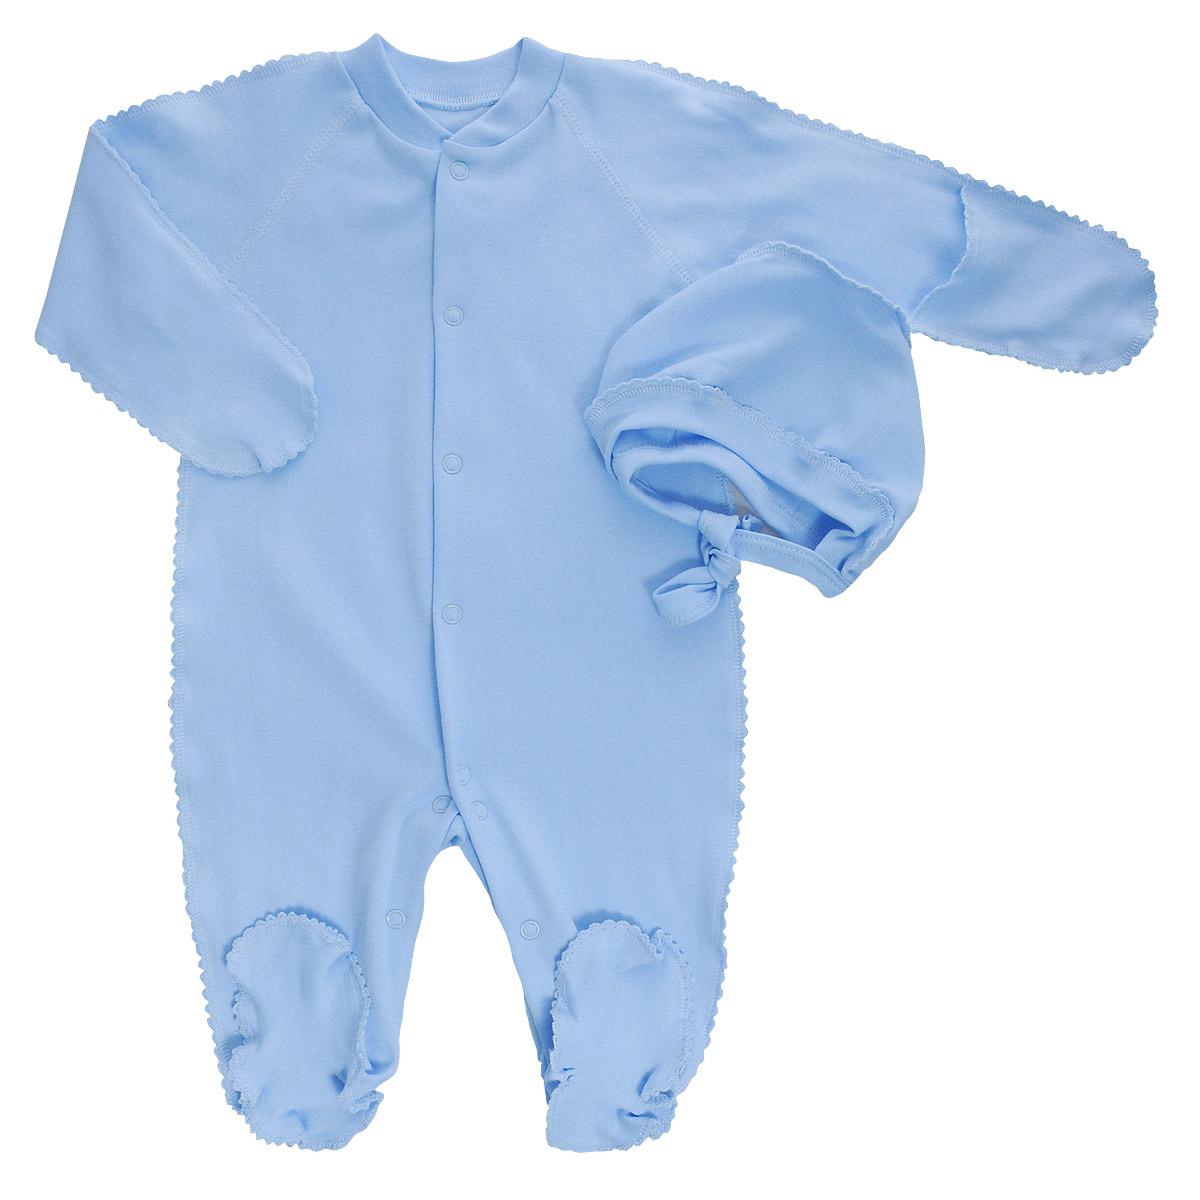 Комплект детский Фреш Стайл: комбинезон, чепчик, цвет: голубой. 37-5231. Размер 56, от 0 до 3 месяцев